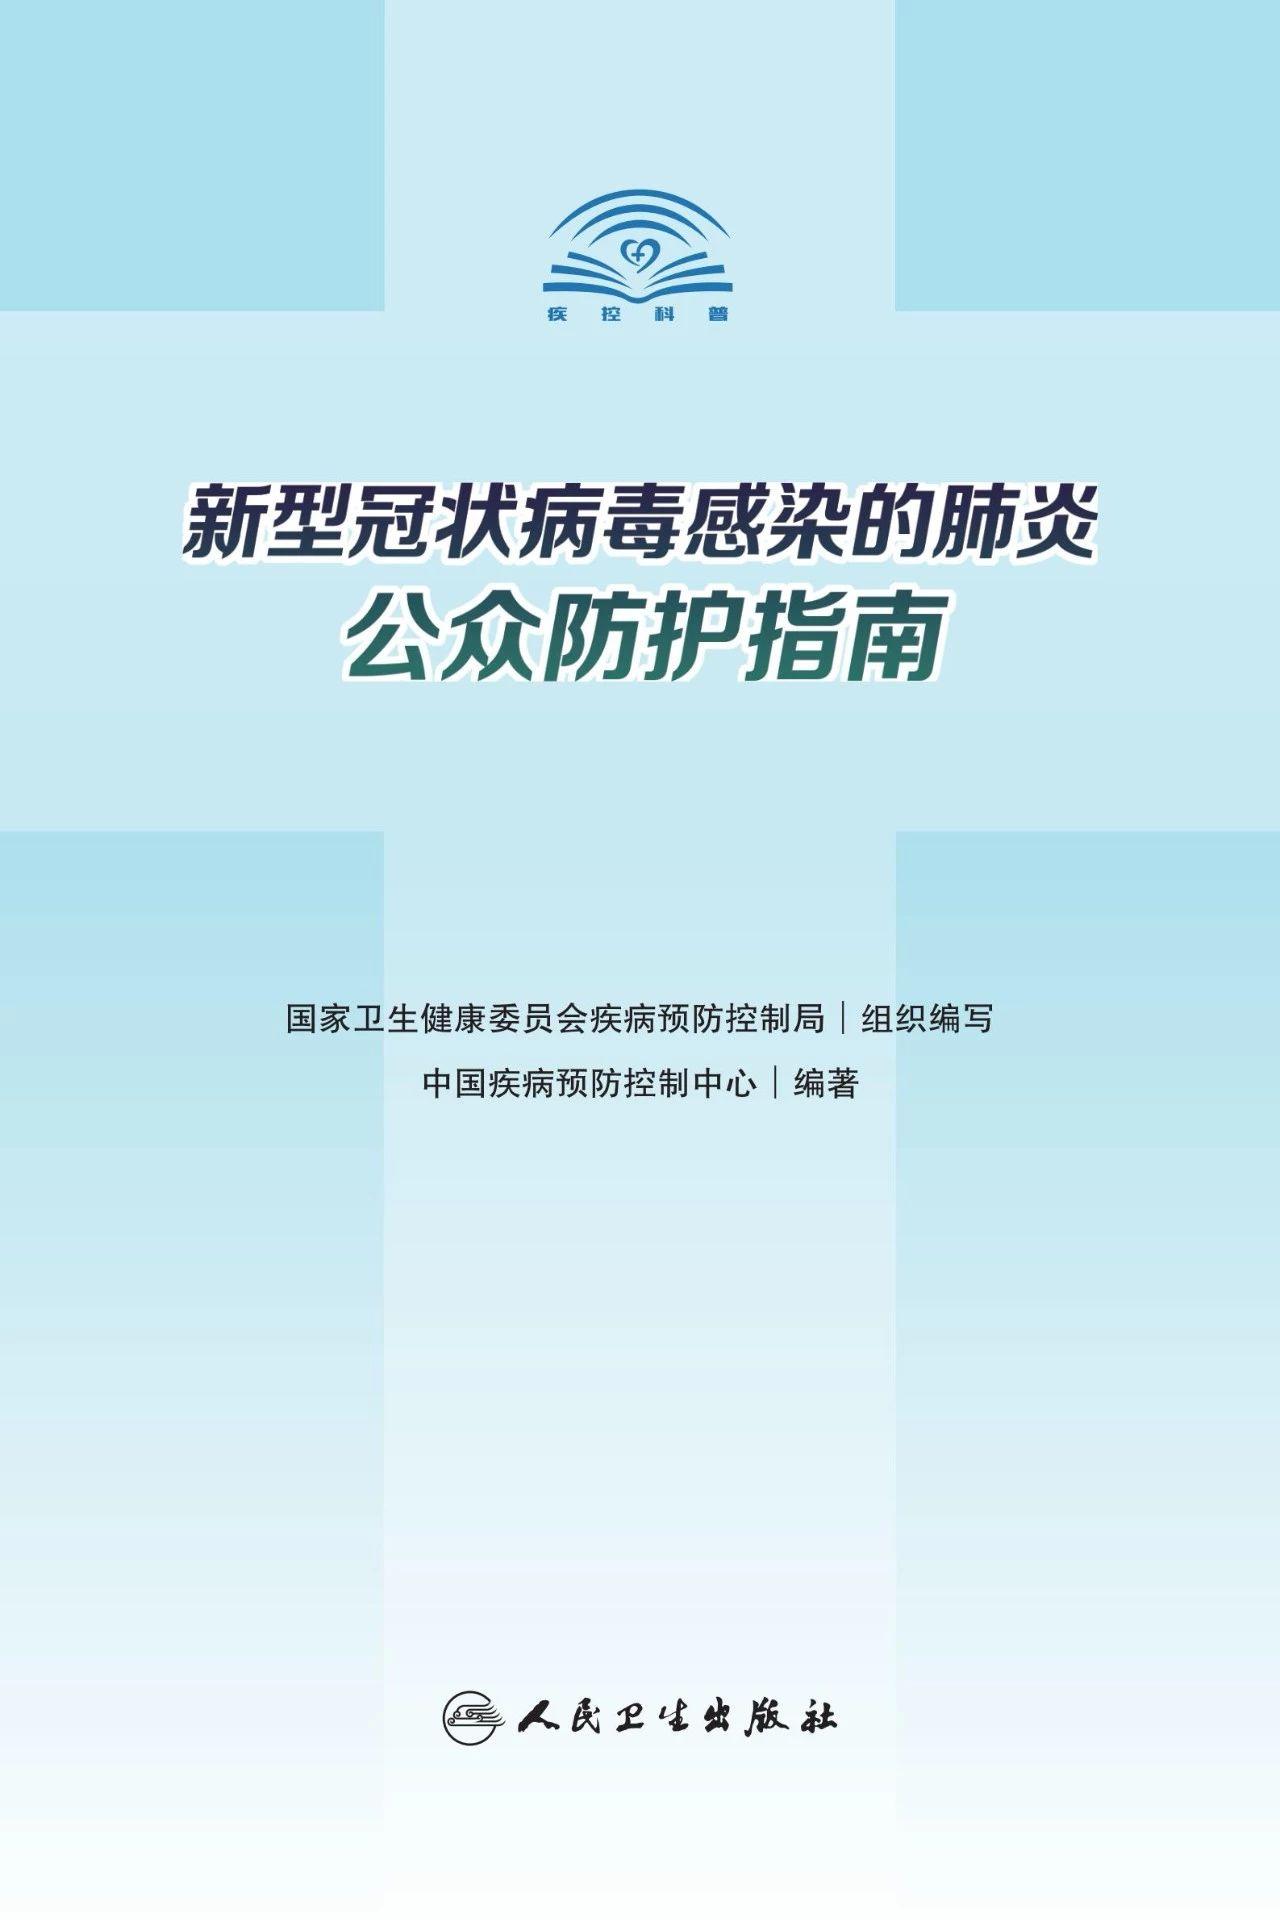 《新型冠状病毒感染的肺炎公众防护指南》中国疾病预防控制中心编写的防疫权威读物来了!-防护, 肺炎, 病毒, 疫情, 新型冠状病毒, 指南, 感染, 公众防护, 健康